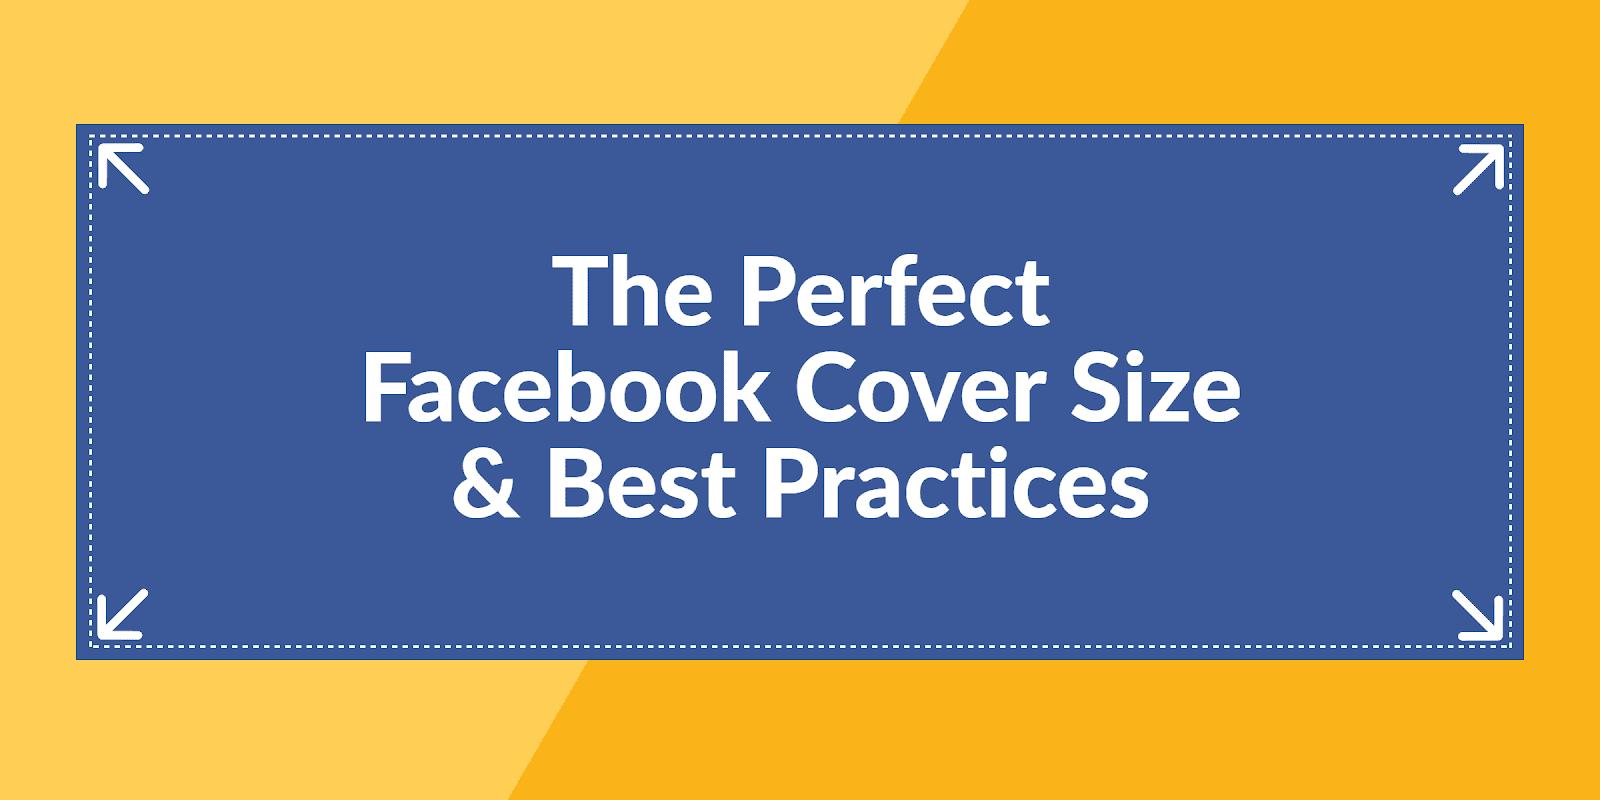 Kích thước ảnh bìa Facebook chuẩn năm 2019 mà người dùng nên biết